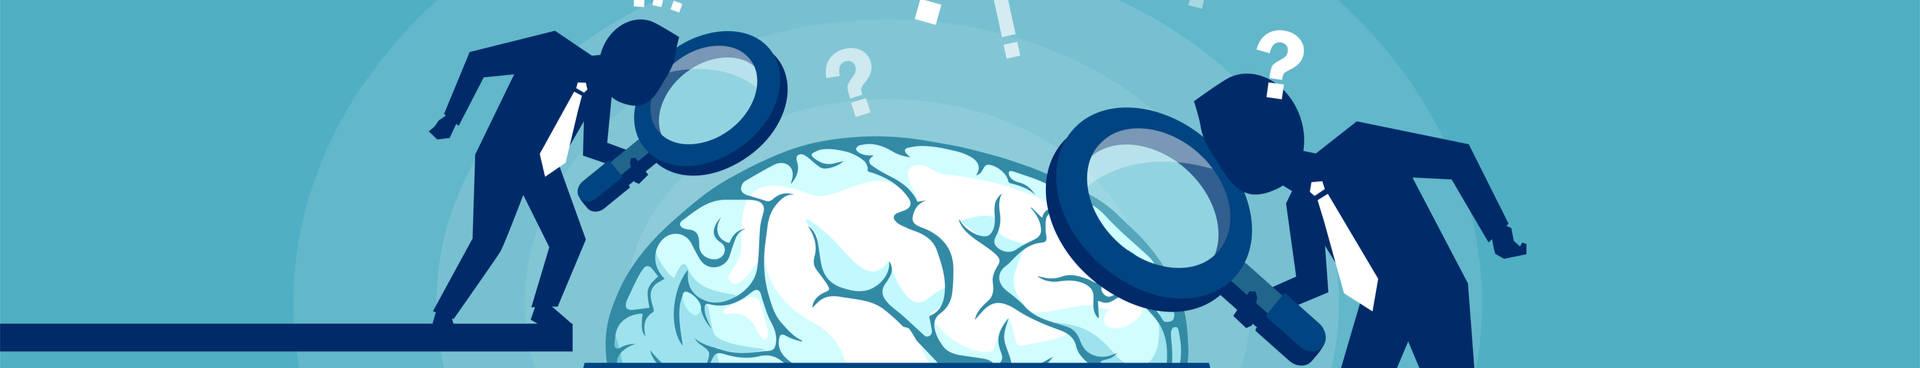 grafica de dos hombres mirando con lupa el cerebro